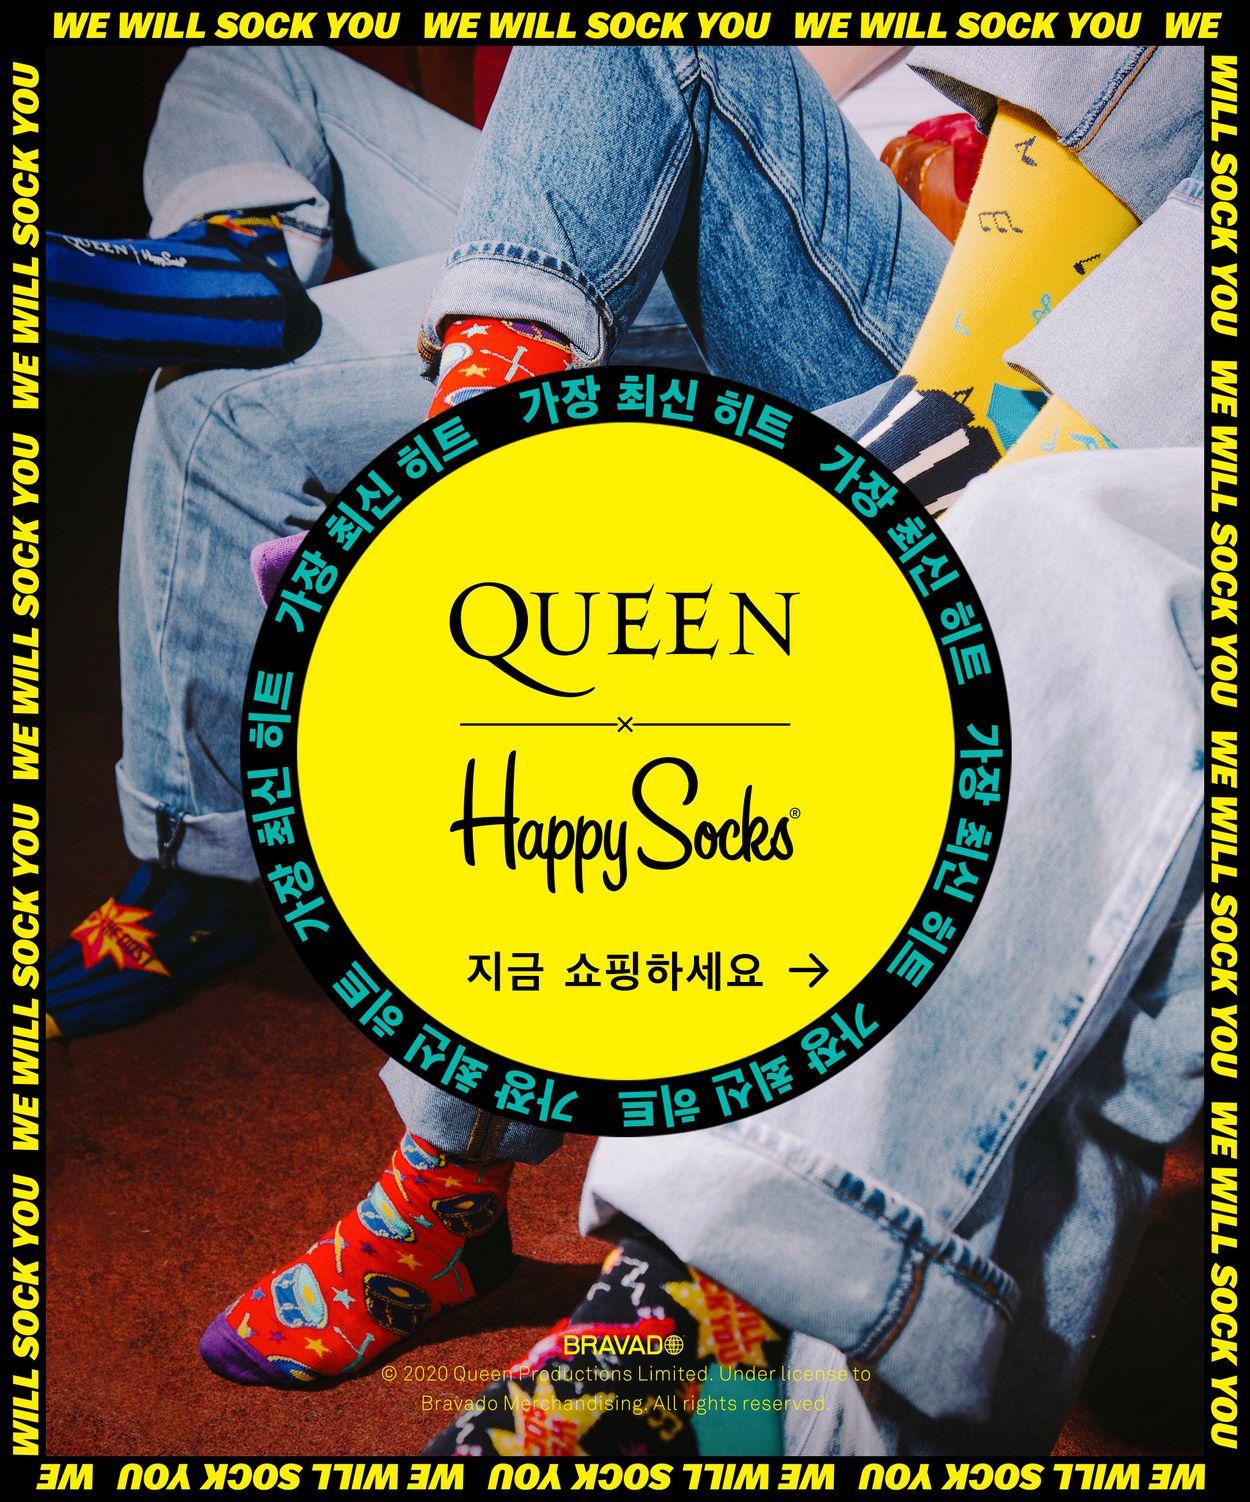 Queen x Happy Socks